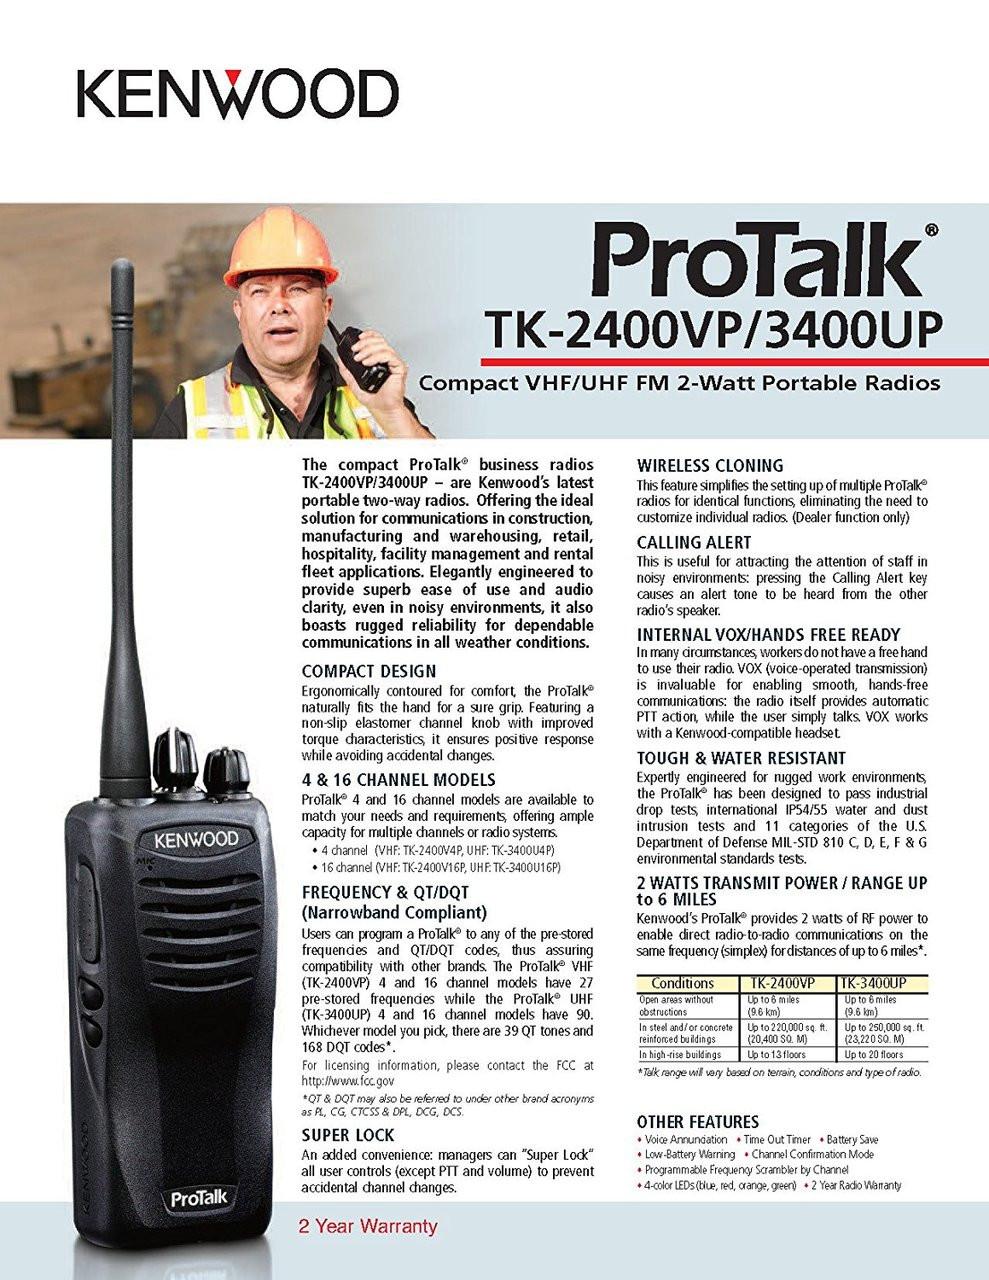 Kenwood ProTalk TK-2402V16P Spec Sheet Page 1 of 2